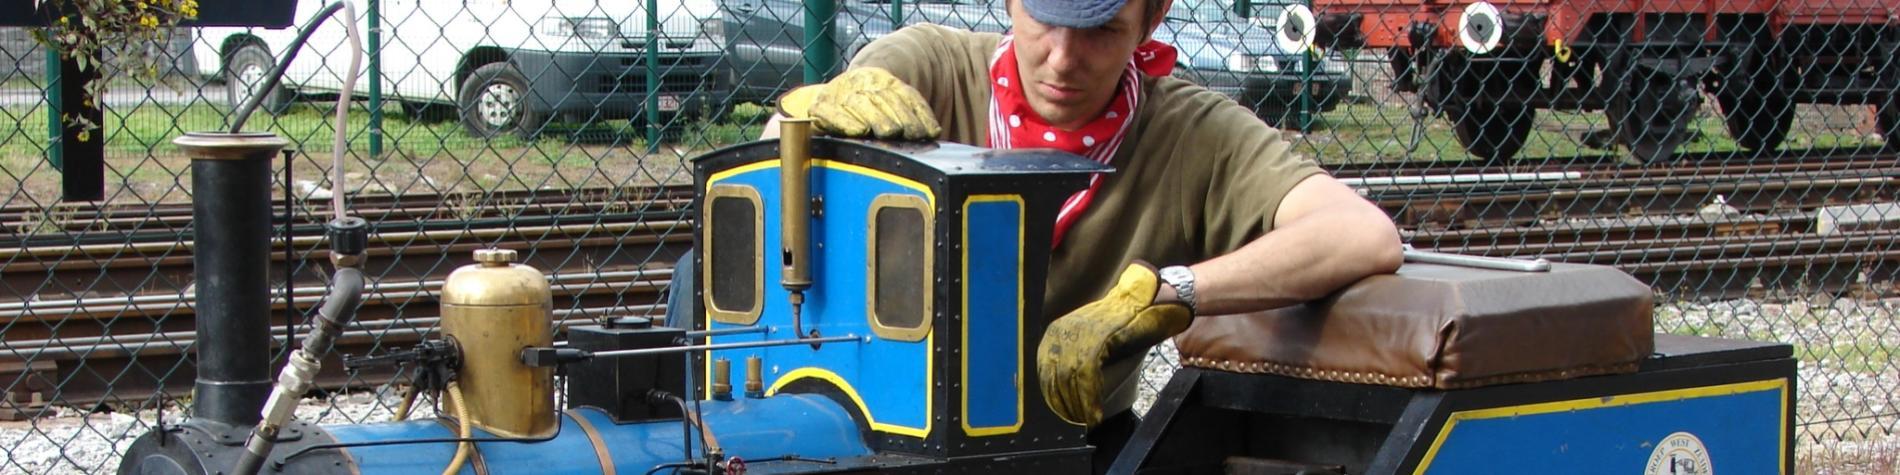 Bezoek het Museum van de Stoomtrein der Drie Valleien in Treignes en ontdek de industriële en spoorweggeschiedenis van België